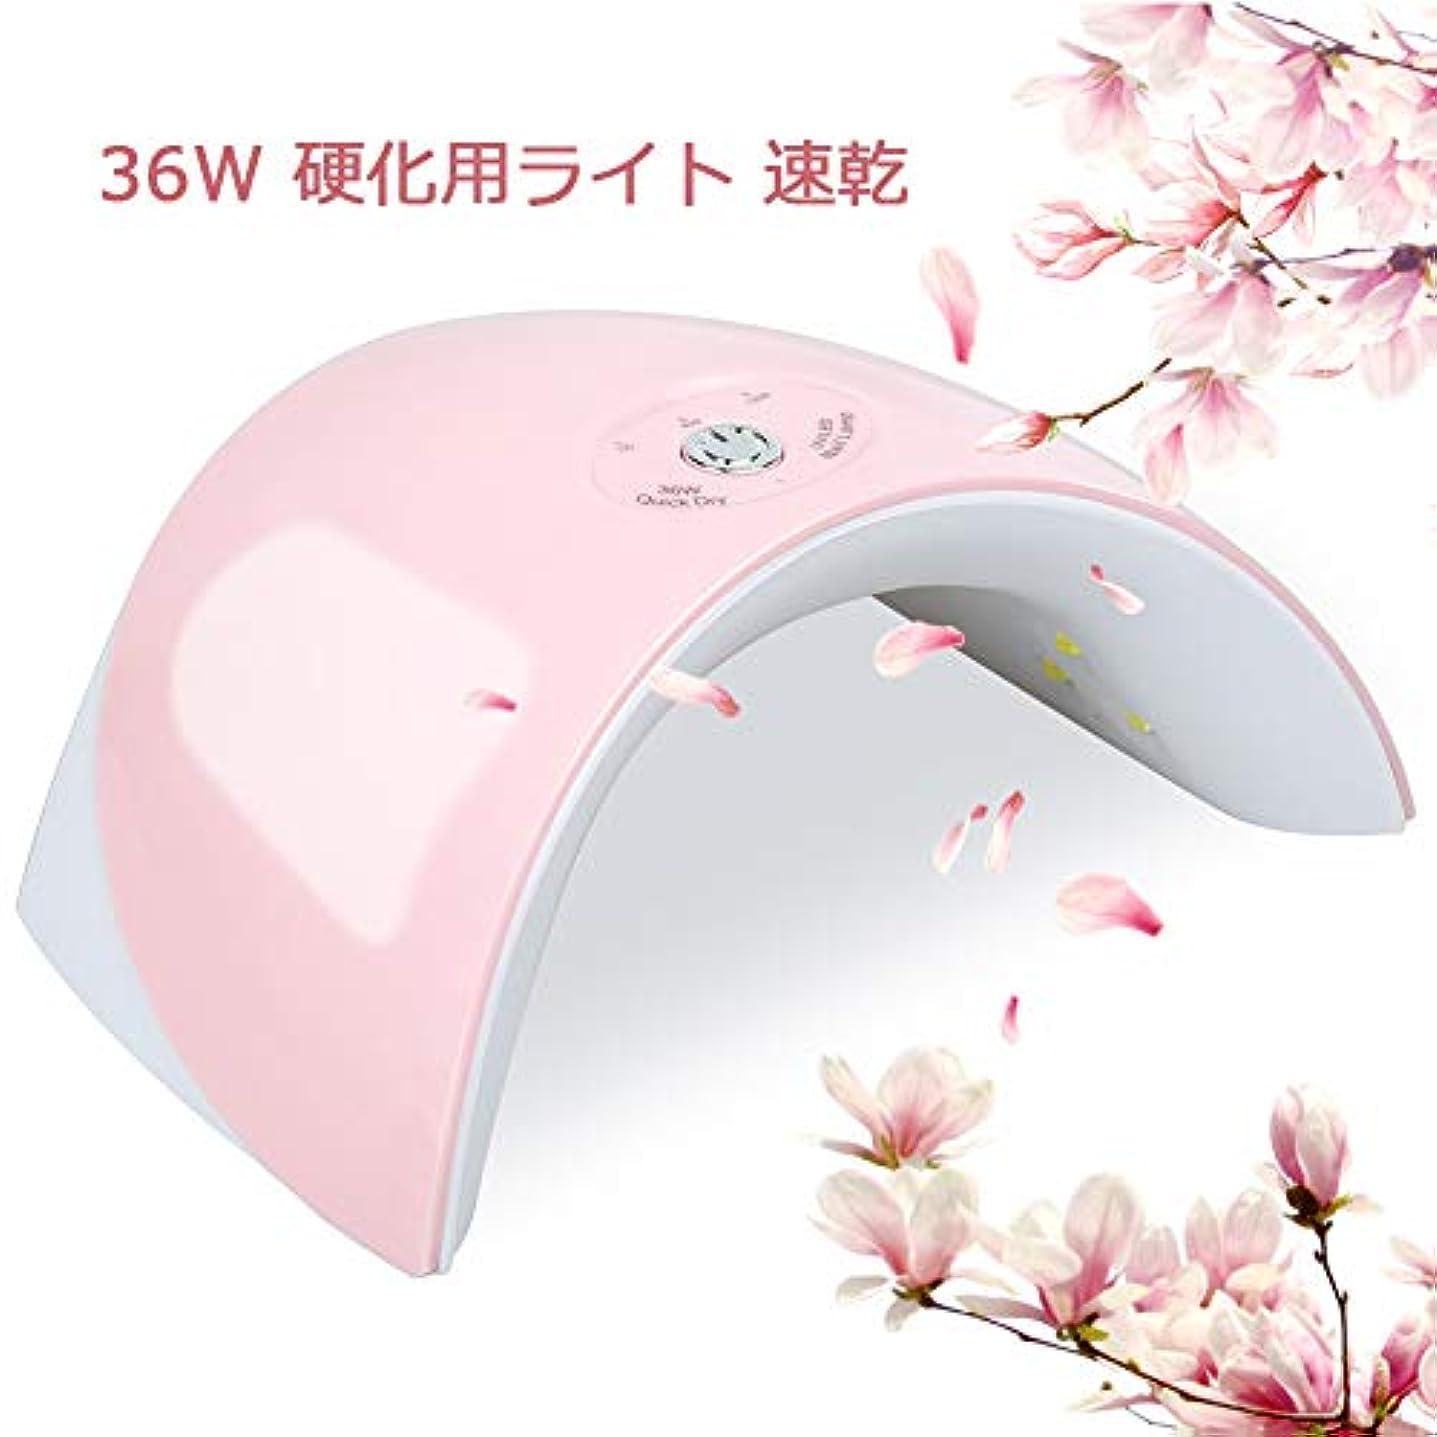 磁気書く迷路Twinkle Store ネイルUV/LEDライト uvライトレジン用 ネイル パーツ ネイルledドライヤー 36W ピンク 硬化用ライト 分かりやすい説明書付き